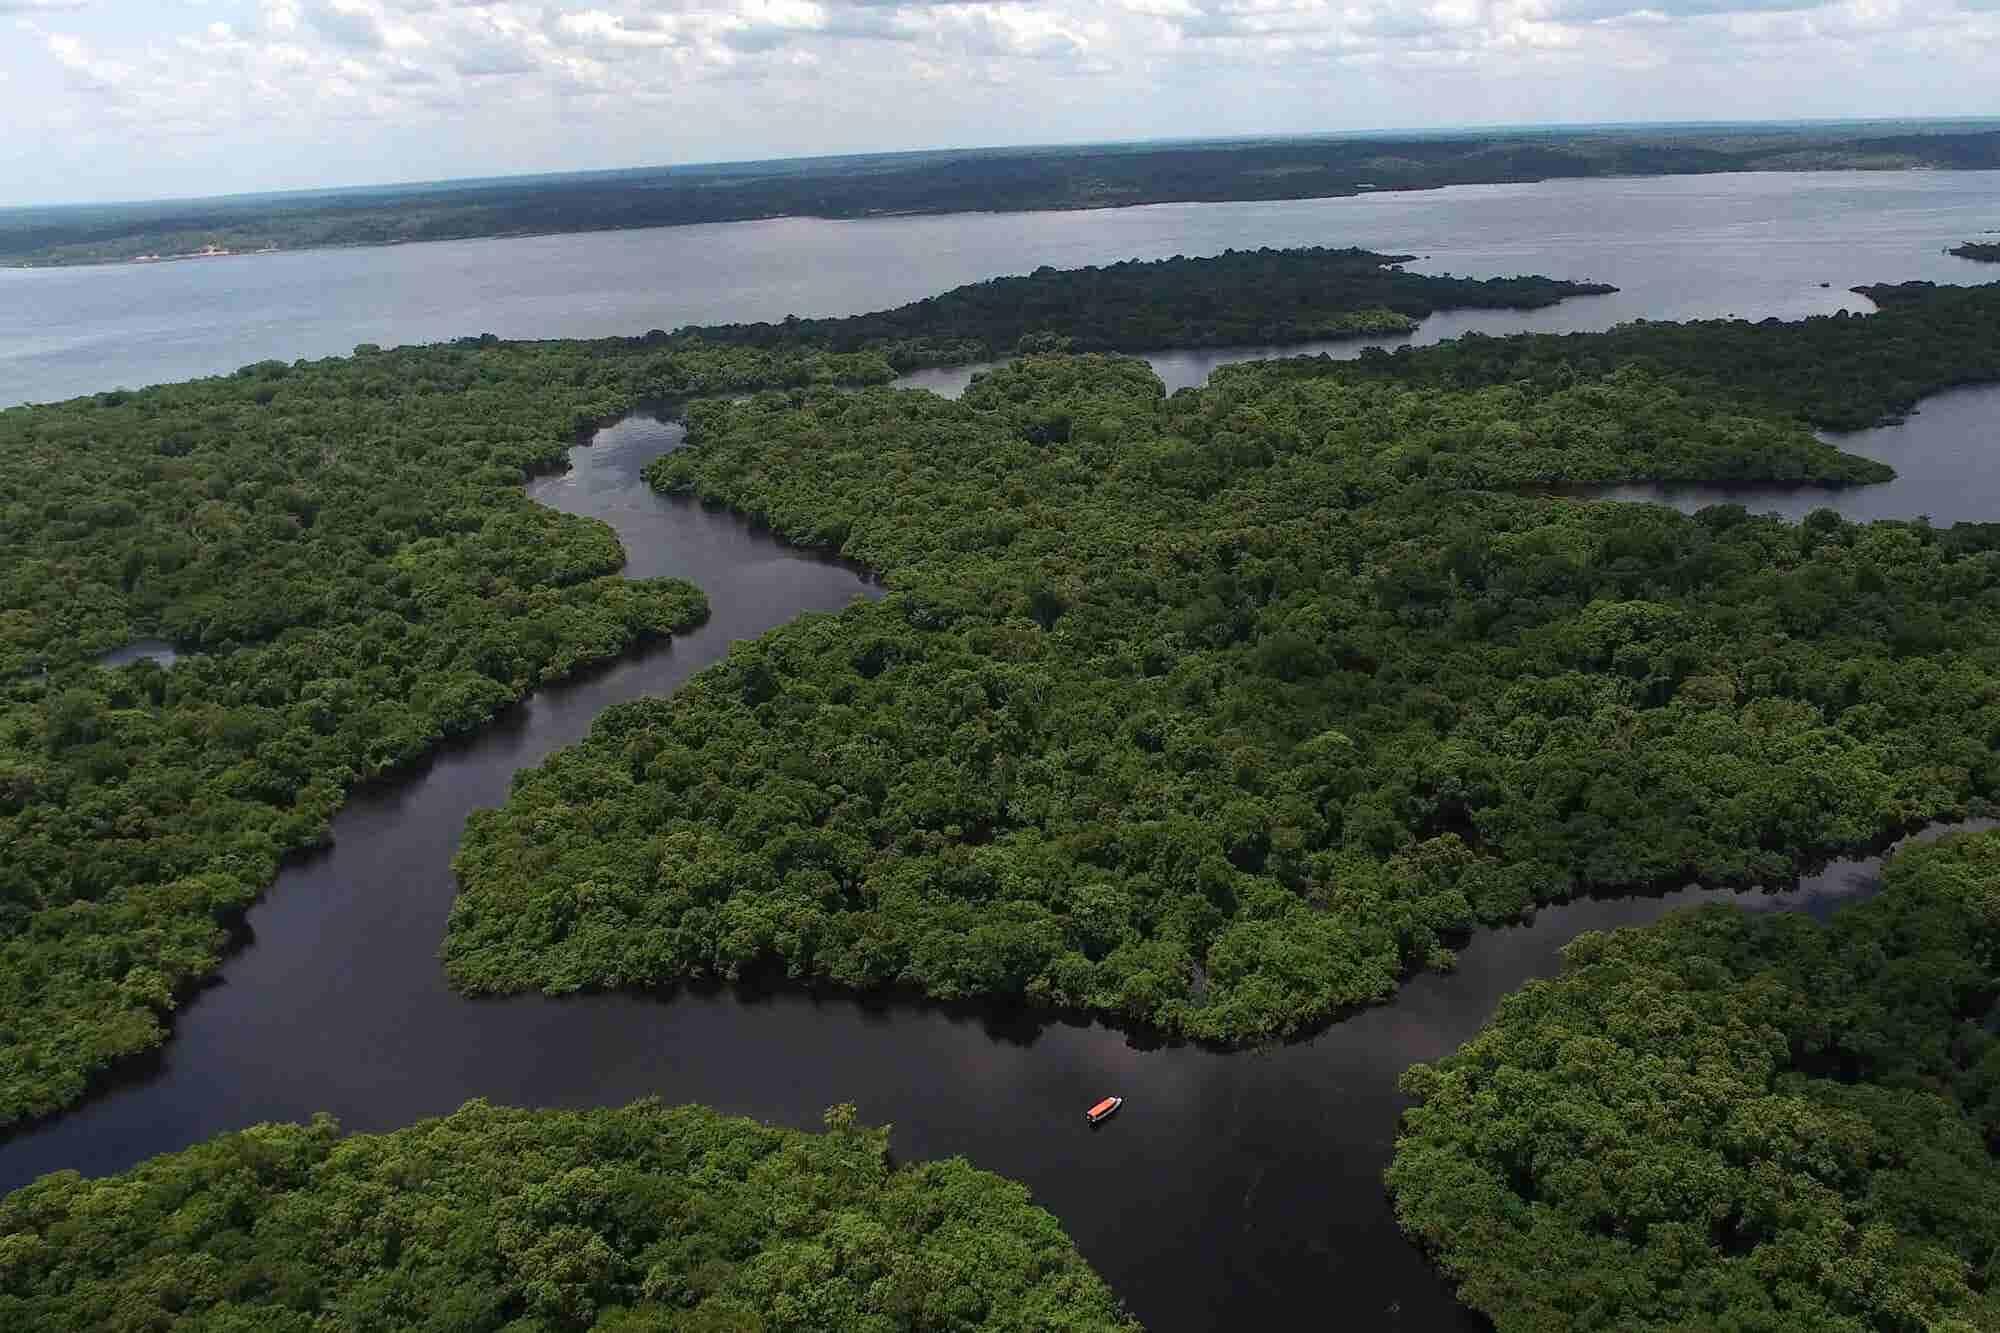 Quién lo diría: la protección estricta del Amazonas fomenta la productividad agrícola en Brasil